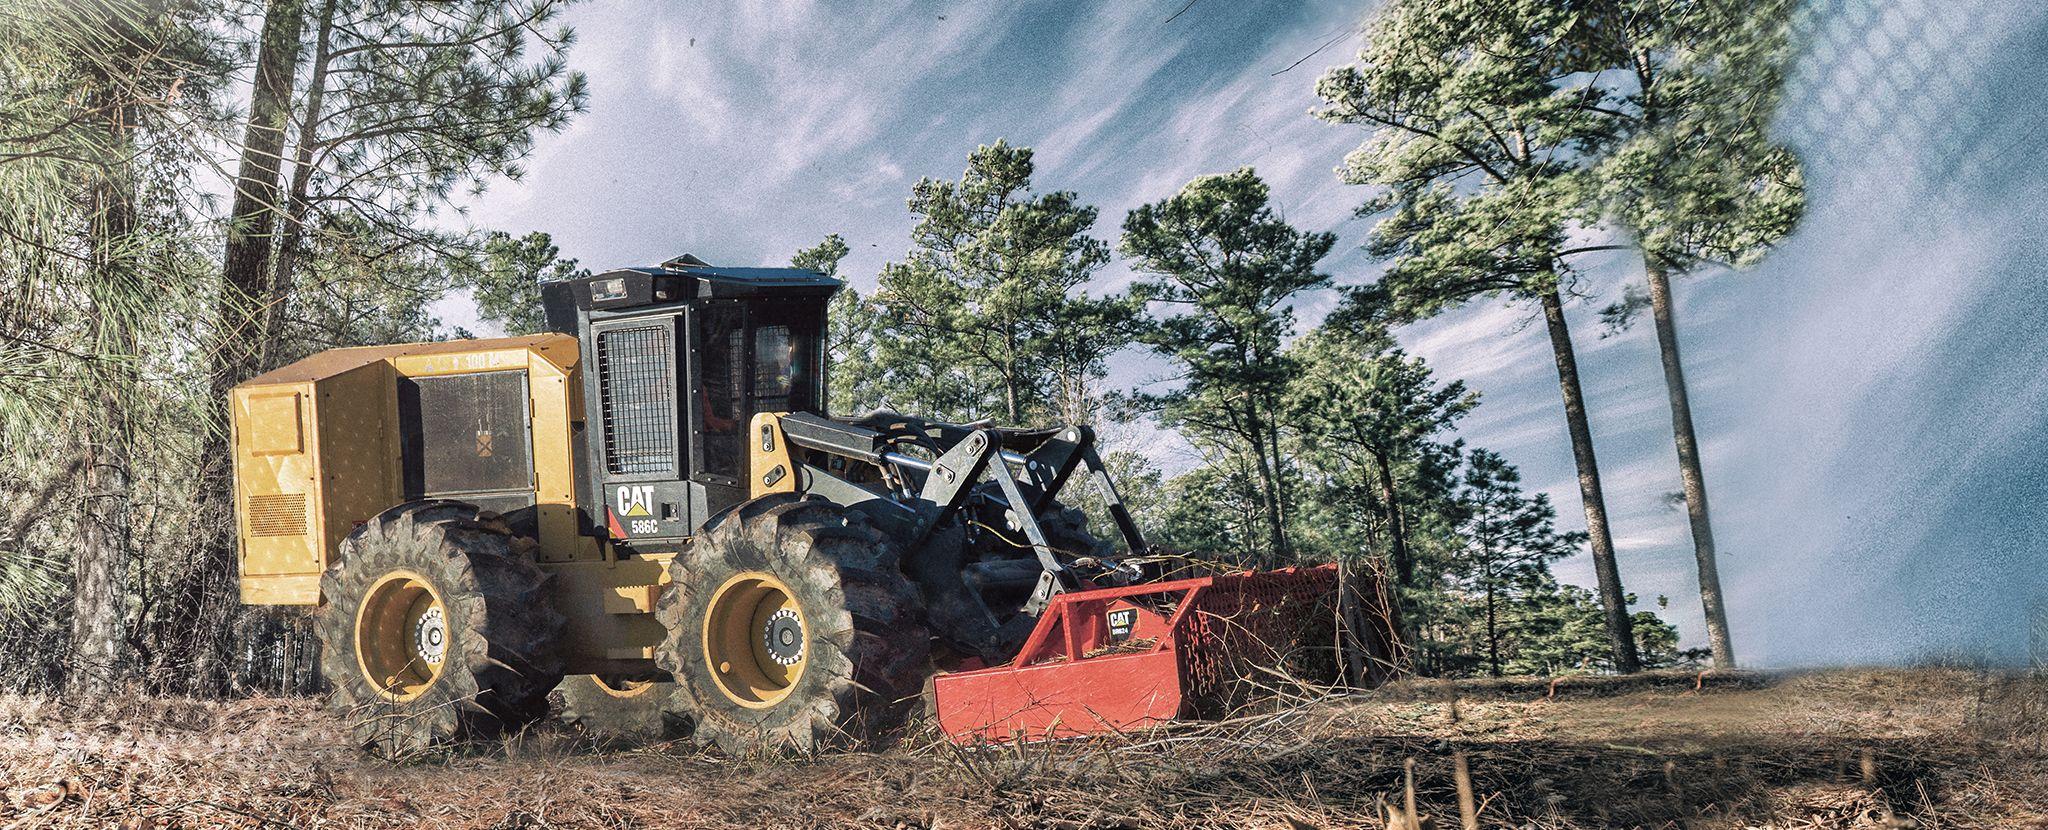 17 сентября – День работников леса и лесоперерабатывающей промышленности